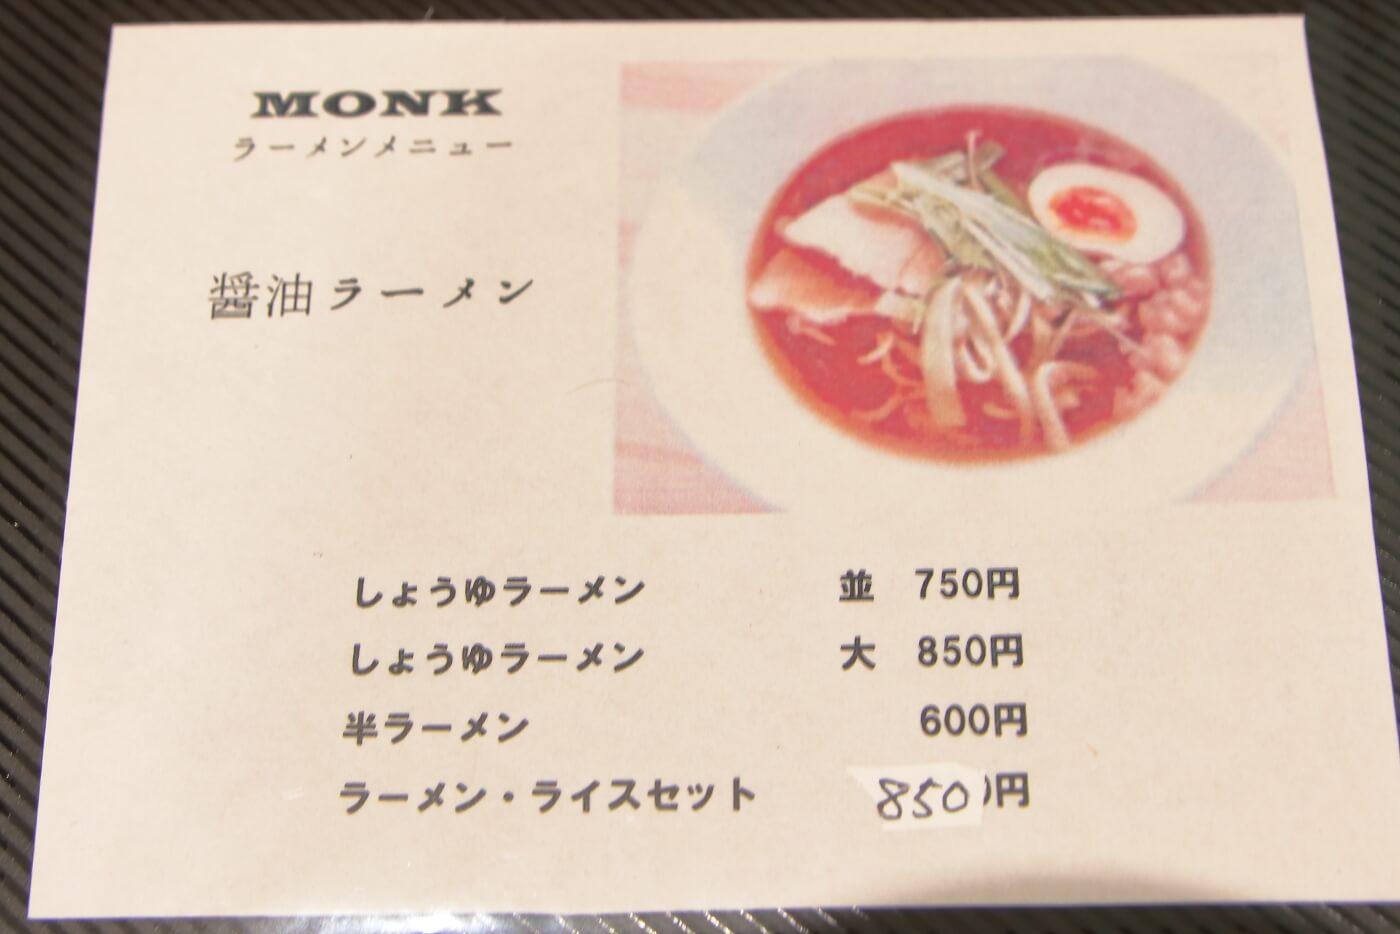 高知県土佐町のラーメン店 Monk メニュー